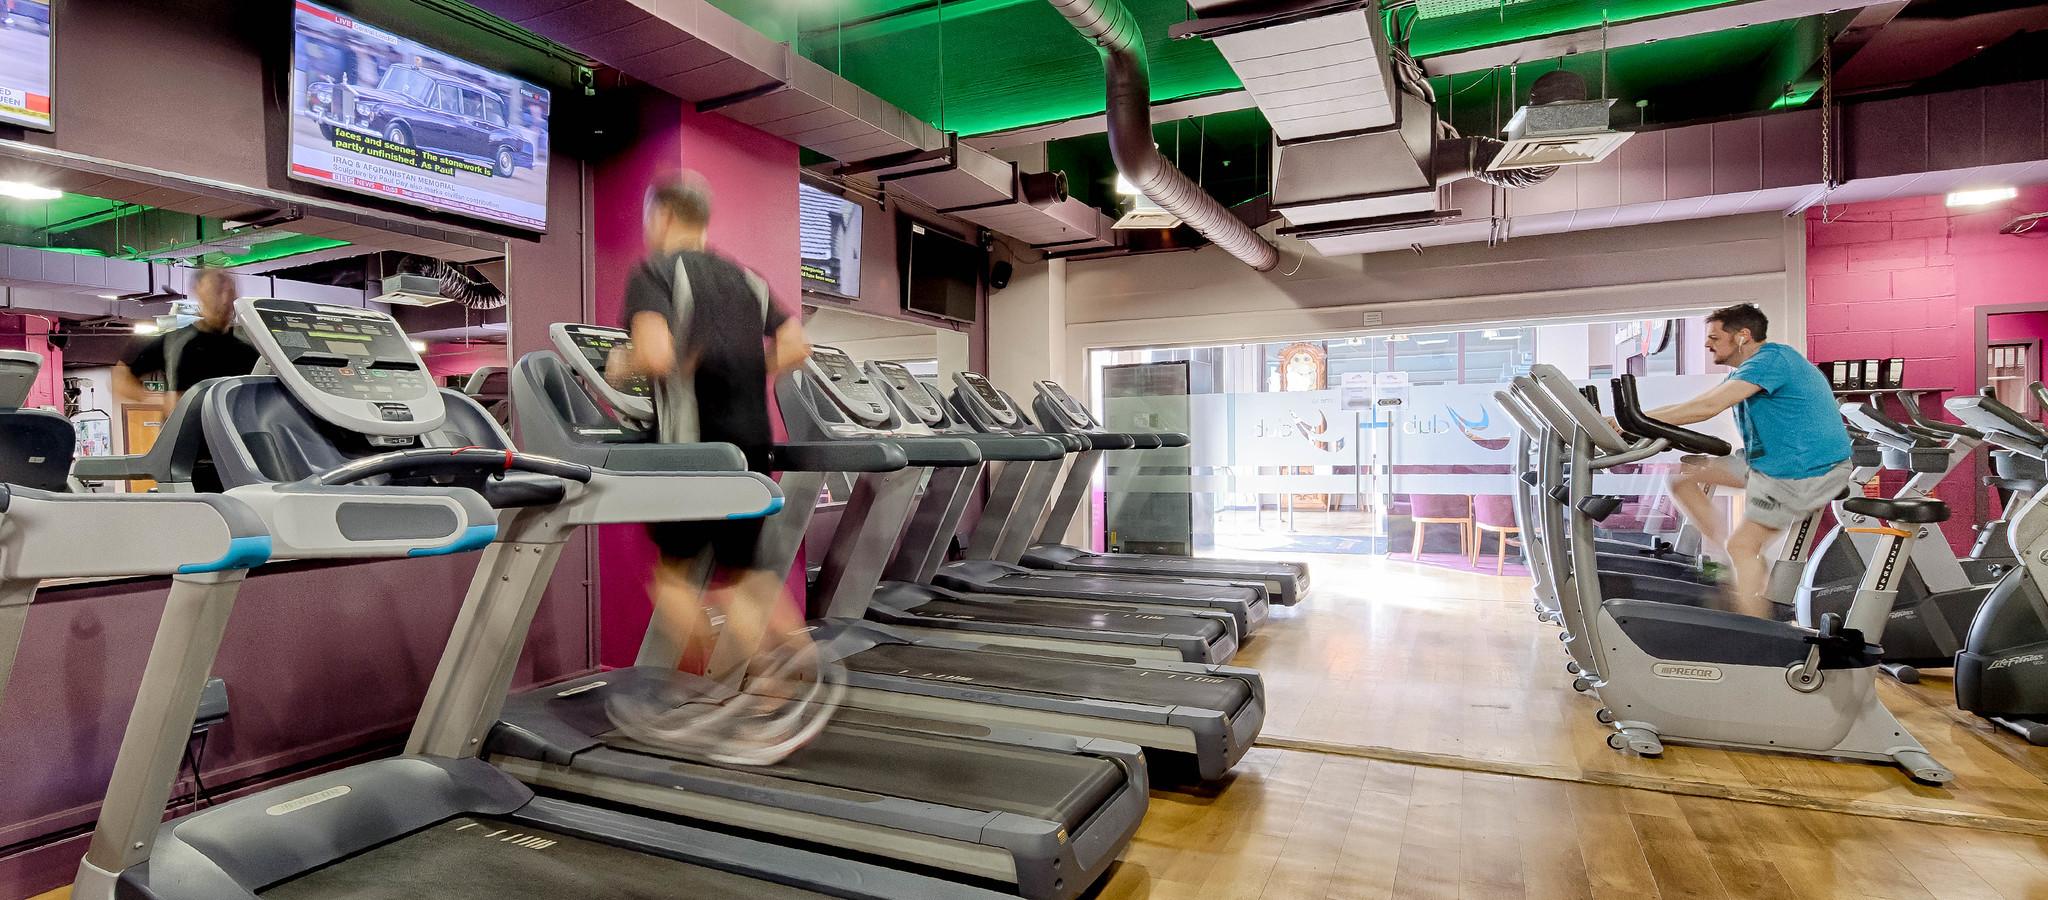 20170504 Yclub Gym Cardio Area 4